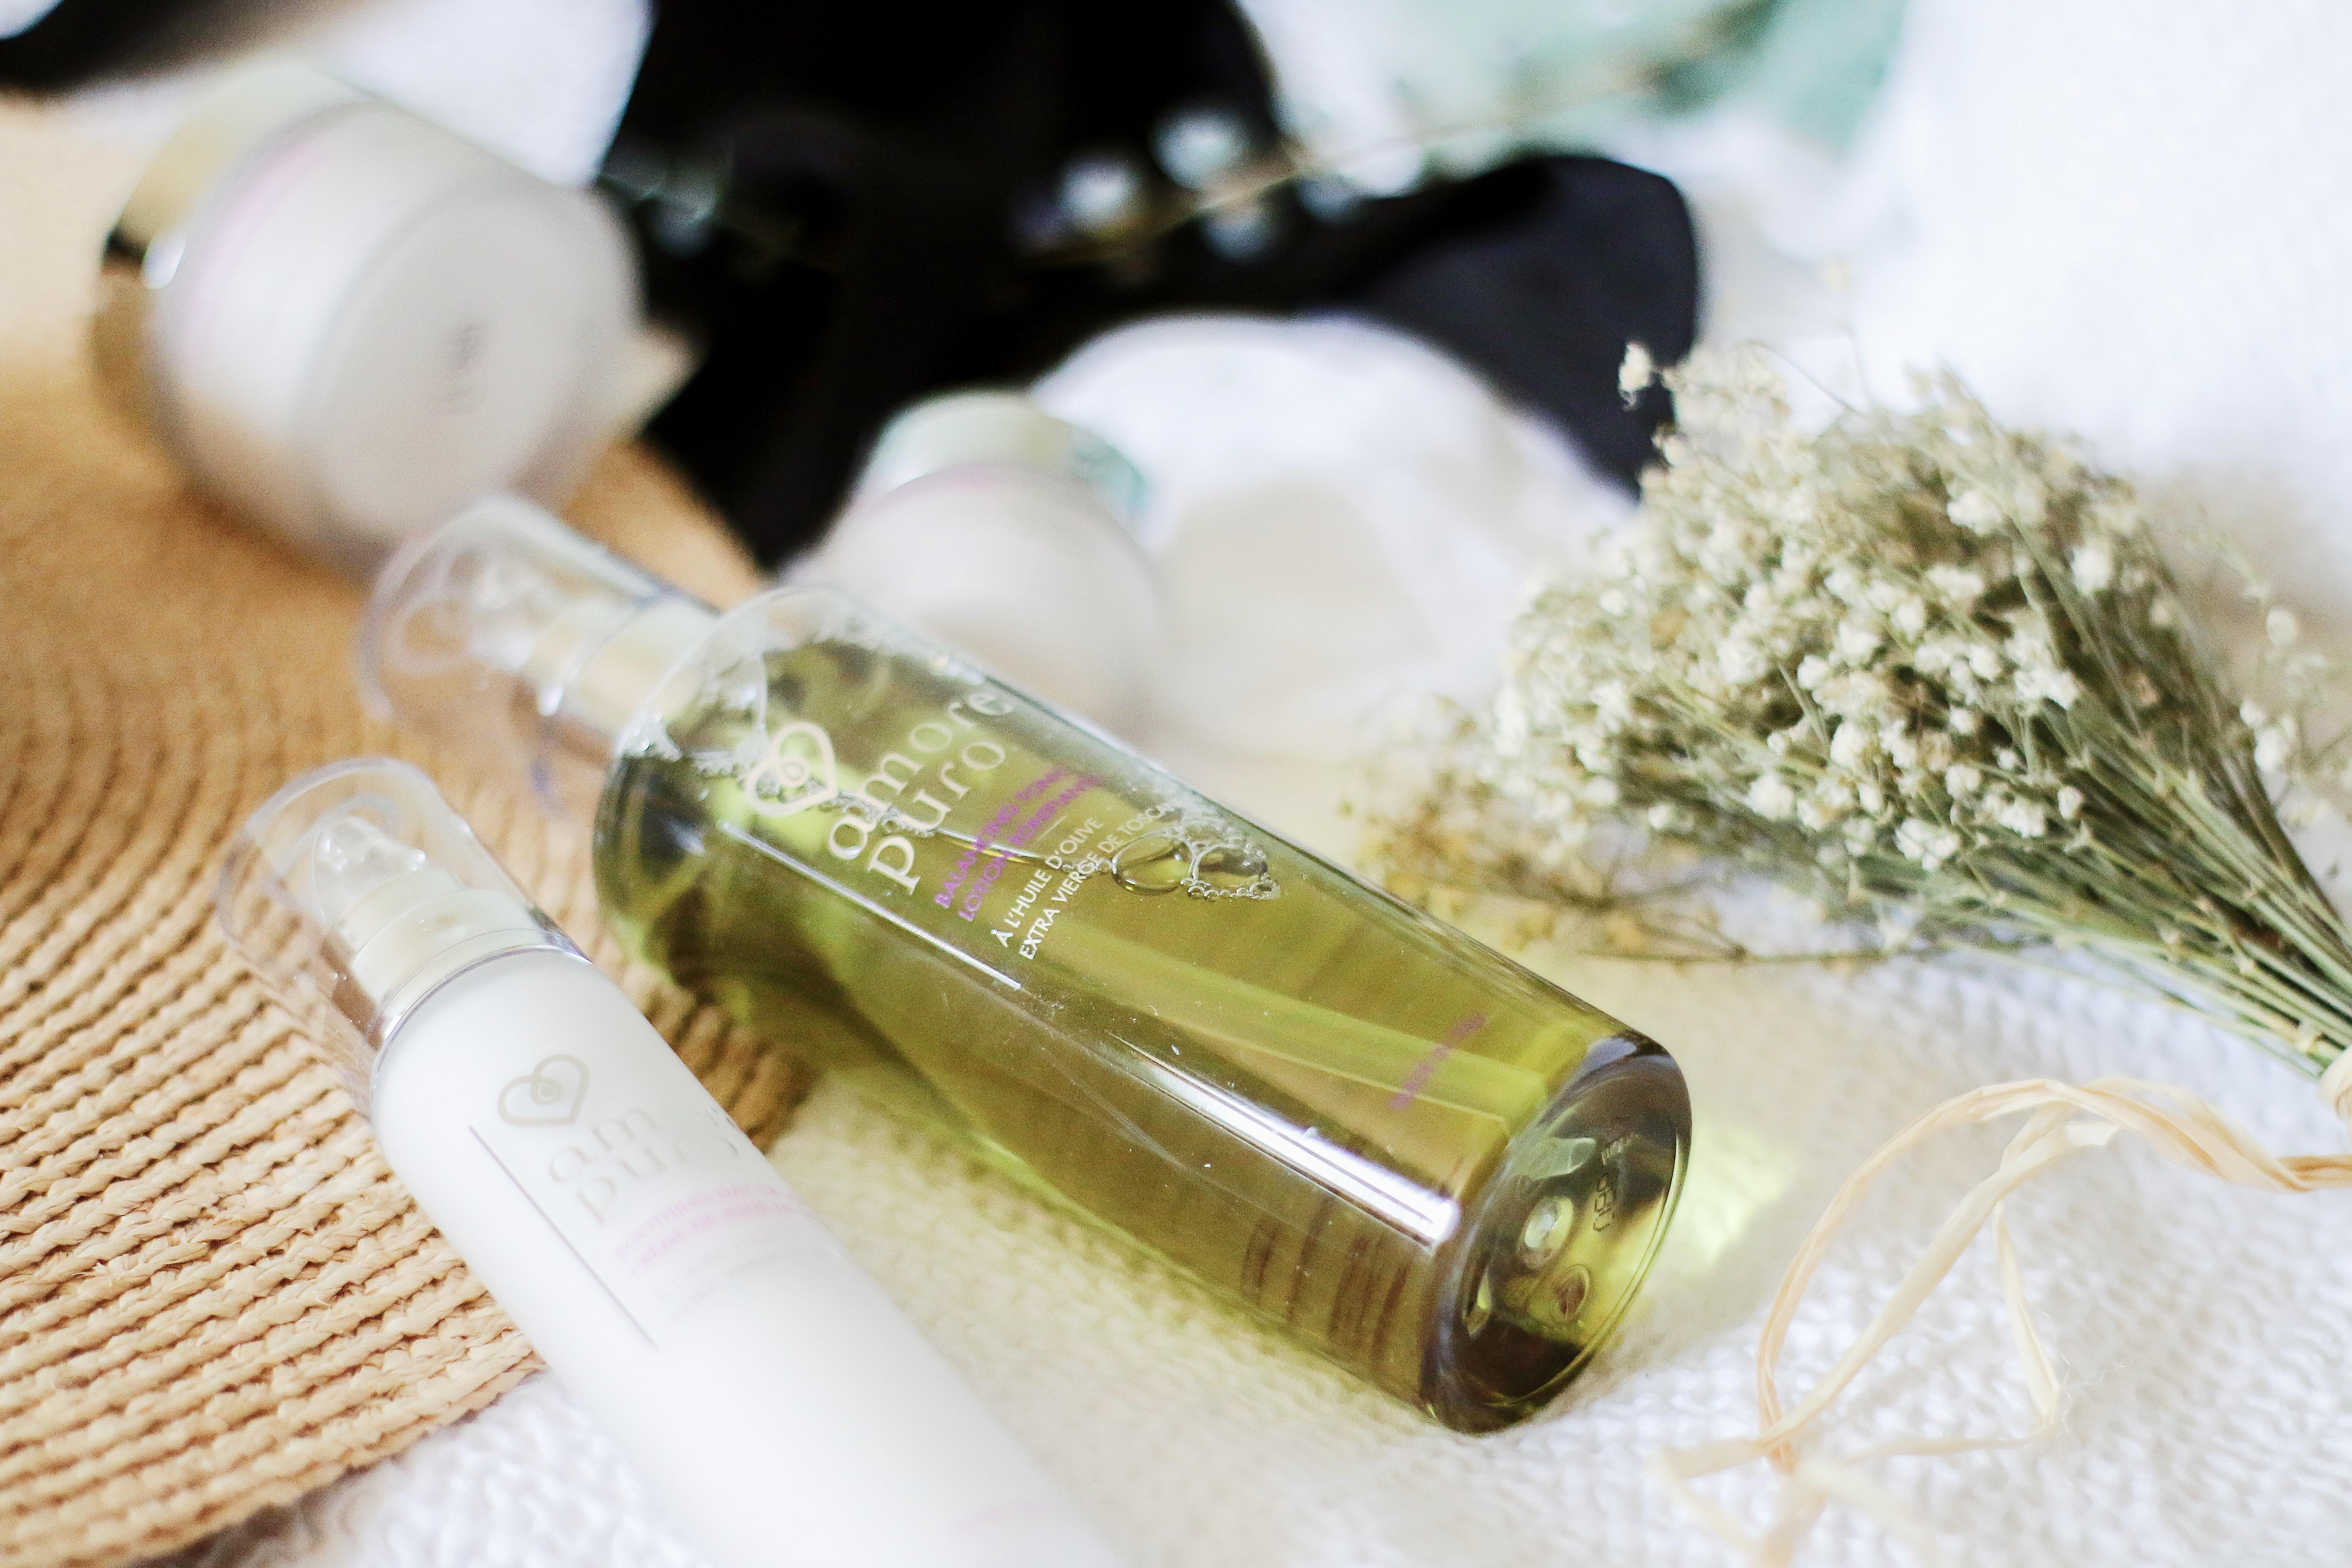 soins naturels et cosmétique naturelle à base d'huile d'olive extra vierge de Toscane Amore Puro. Charlie Sugar Town